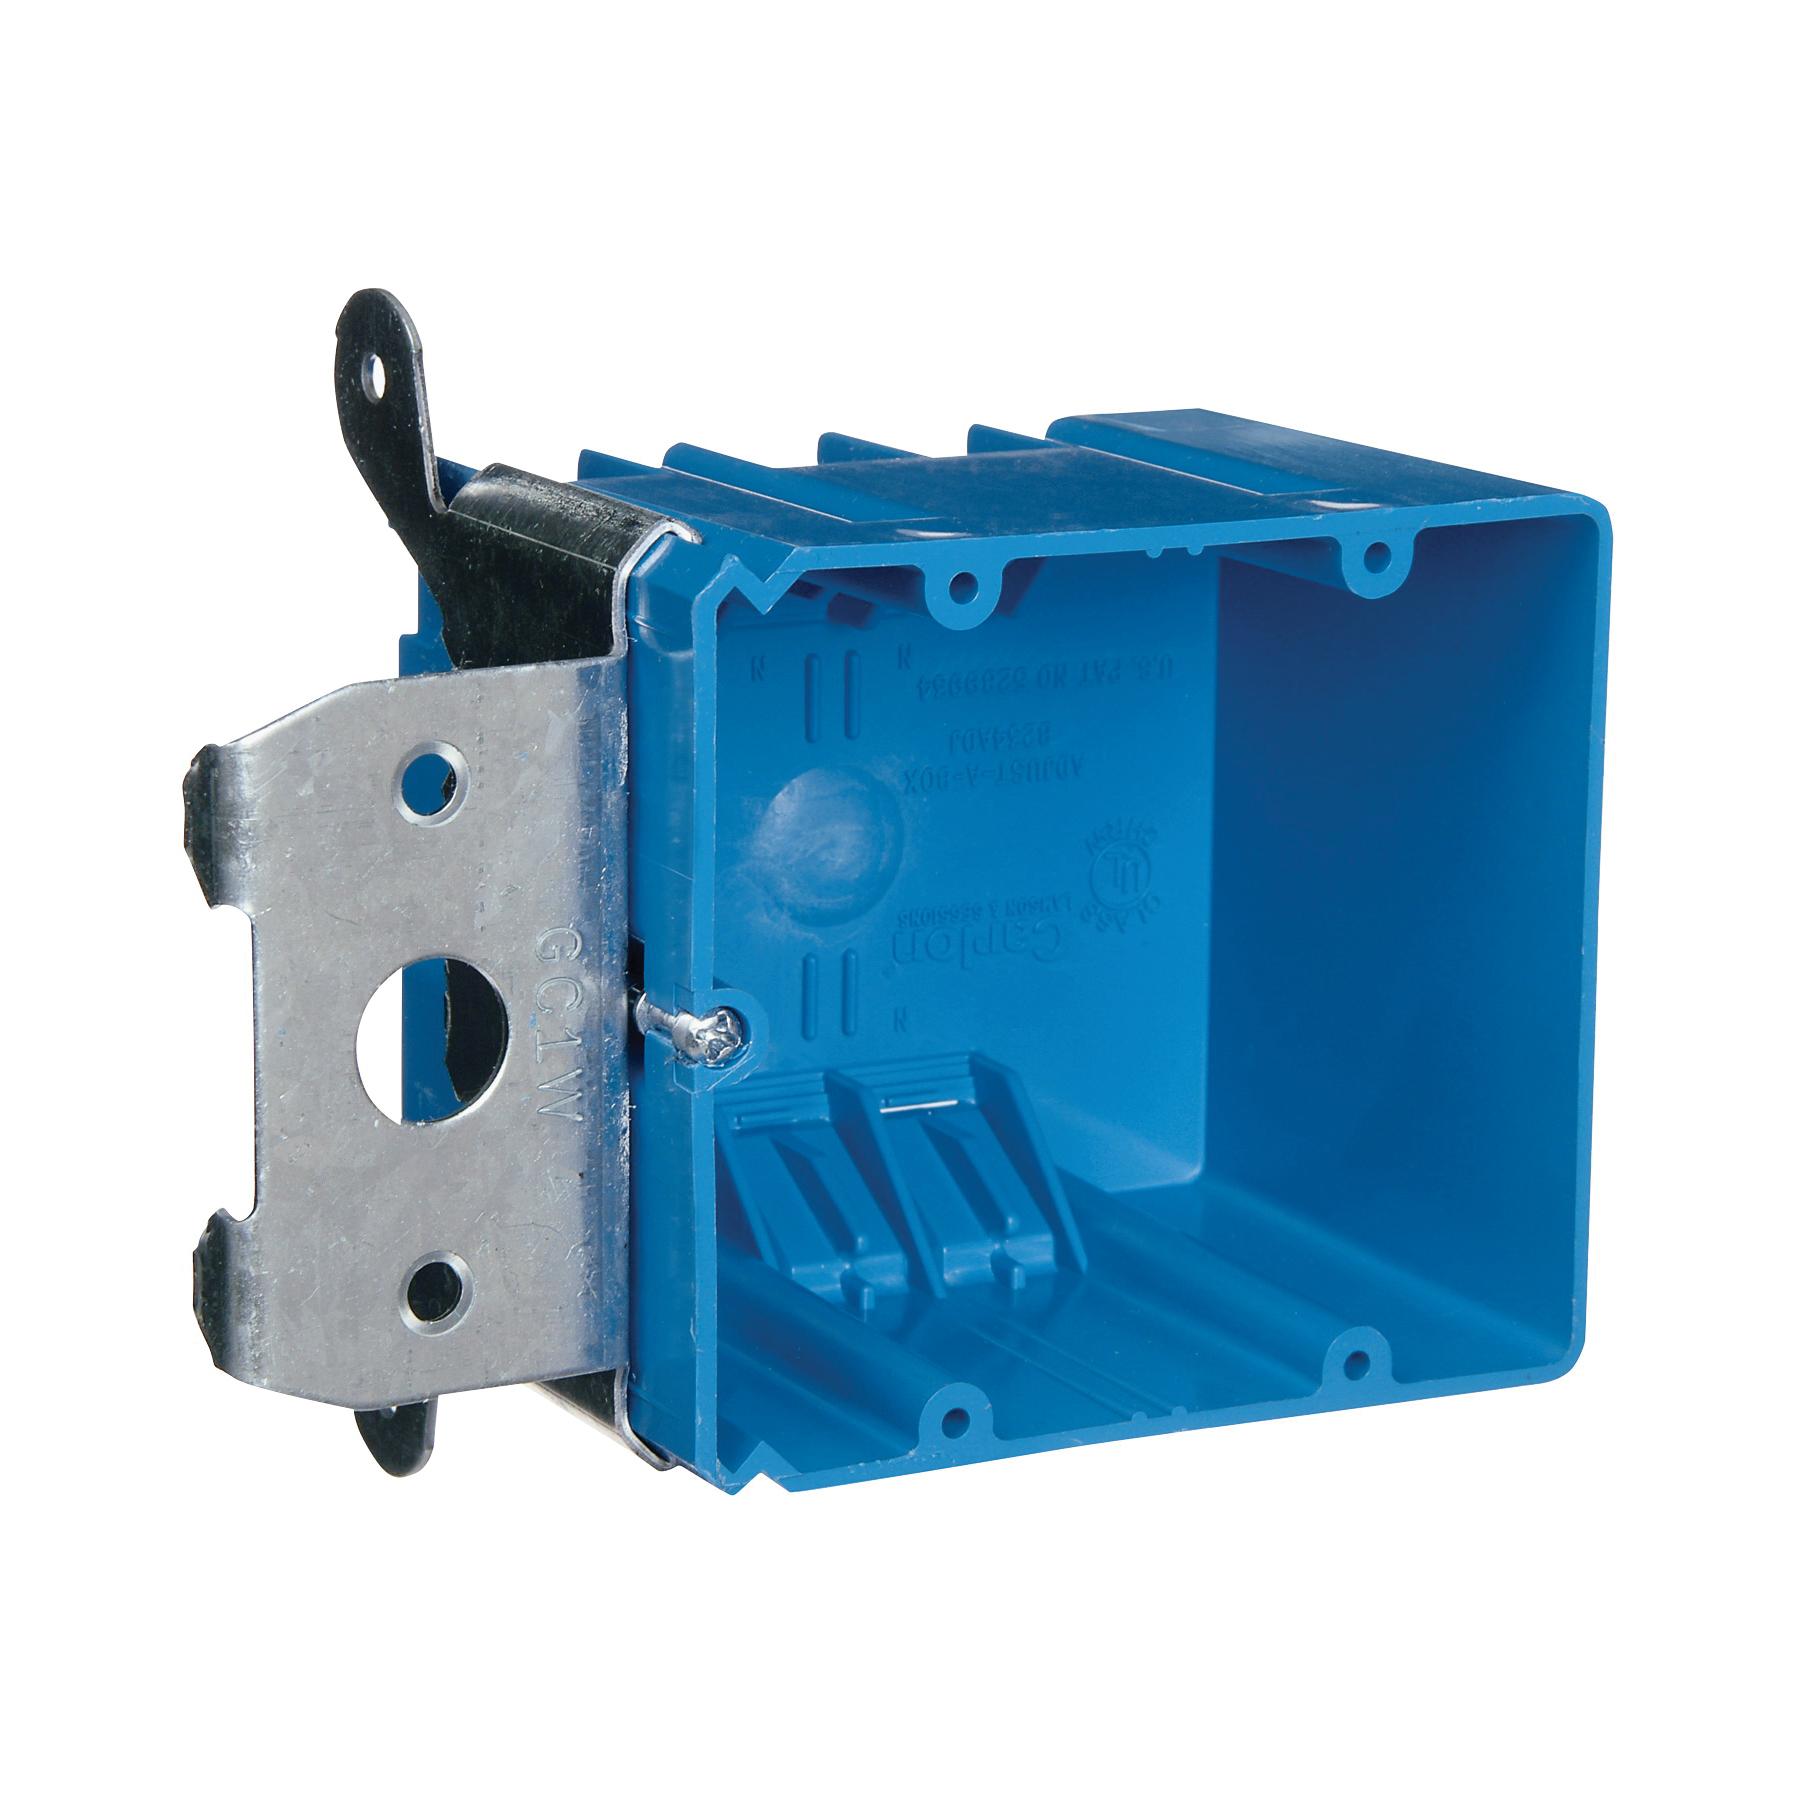 Picture of Carlon B234ADJ Outlet Box, 2-Gang, PVC, Blue, Bracket Mounting